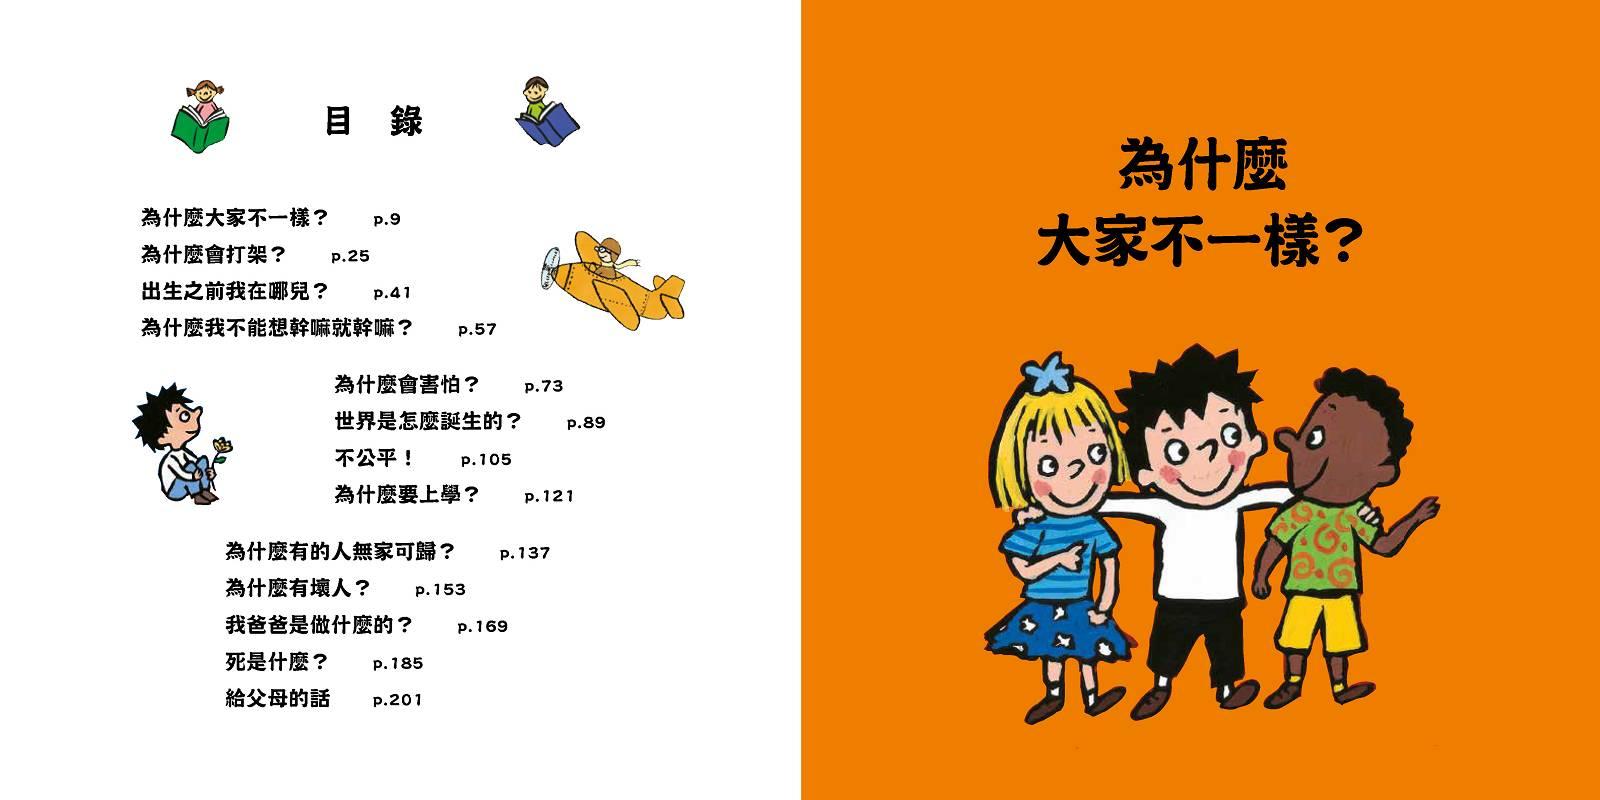 ◤博客來BOOKS◢ 暢銷書榜《推薦》問個不停的小孩,加斯東【建立孩子價值觀&世界觀的第一本親子哲學繪本】:為什麼要上學?為什麼要聽話?出生之前我在哪兒?給爸媽的萬能解答書(3~12歲)